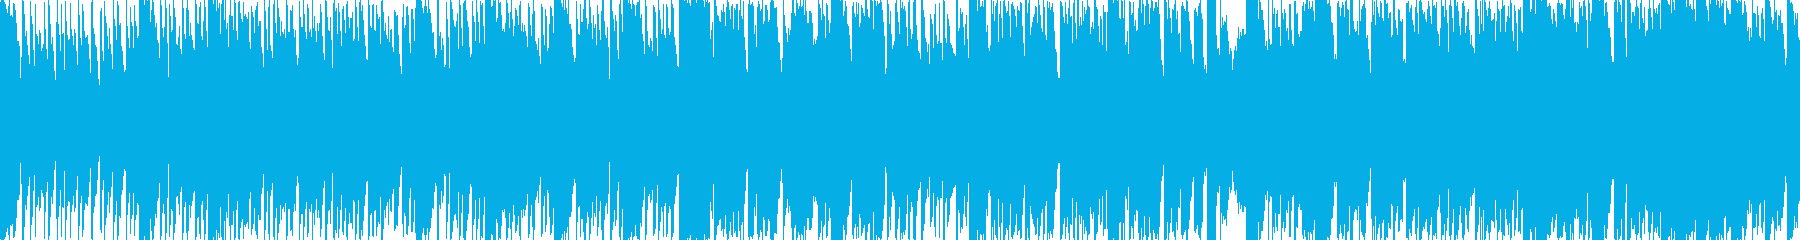 ループ使用です。ゲーム(アクション、S…の再生済みの波形